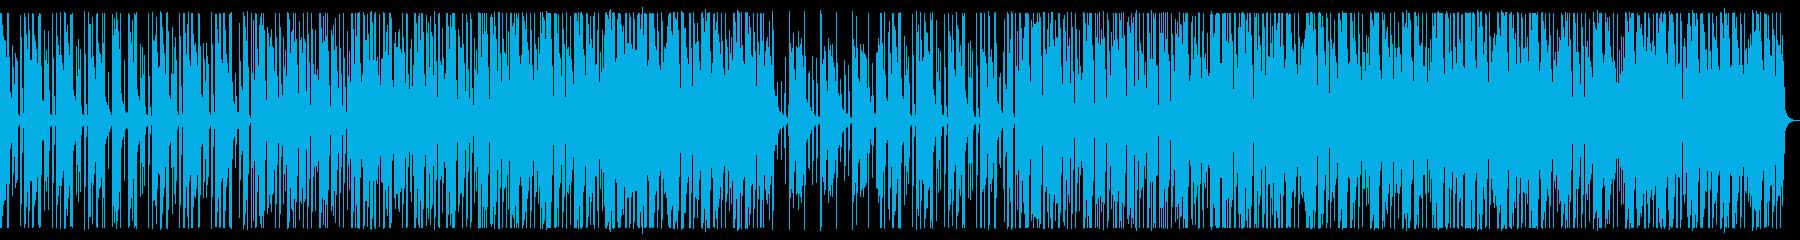 アーバン/都会/R&B_No458_1の再生済みの波形